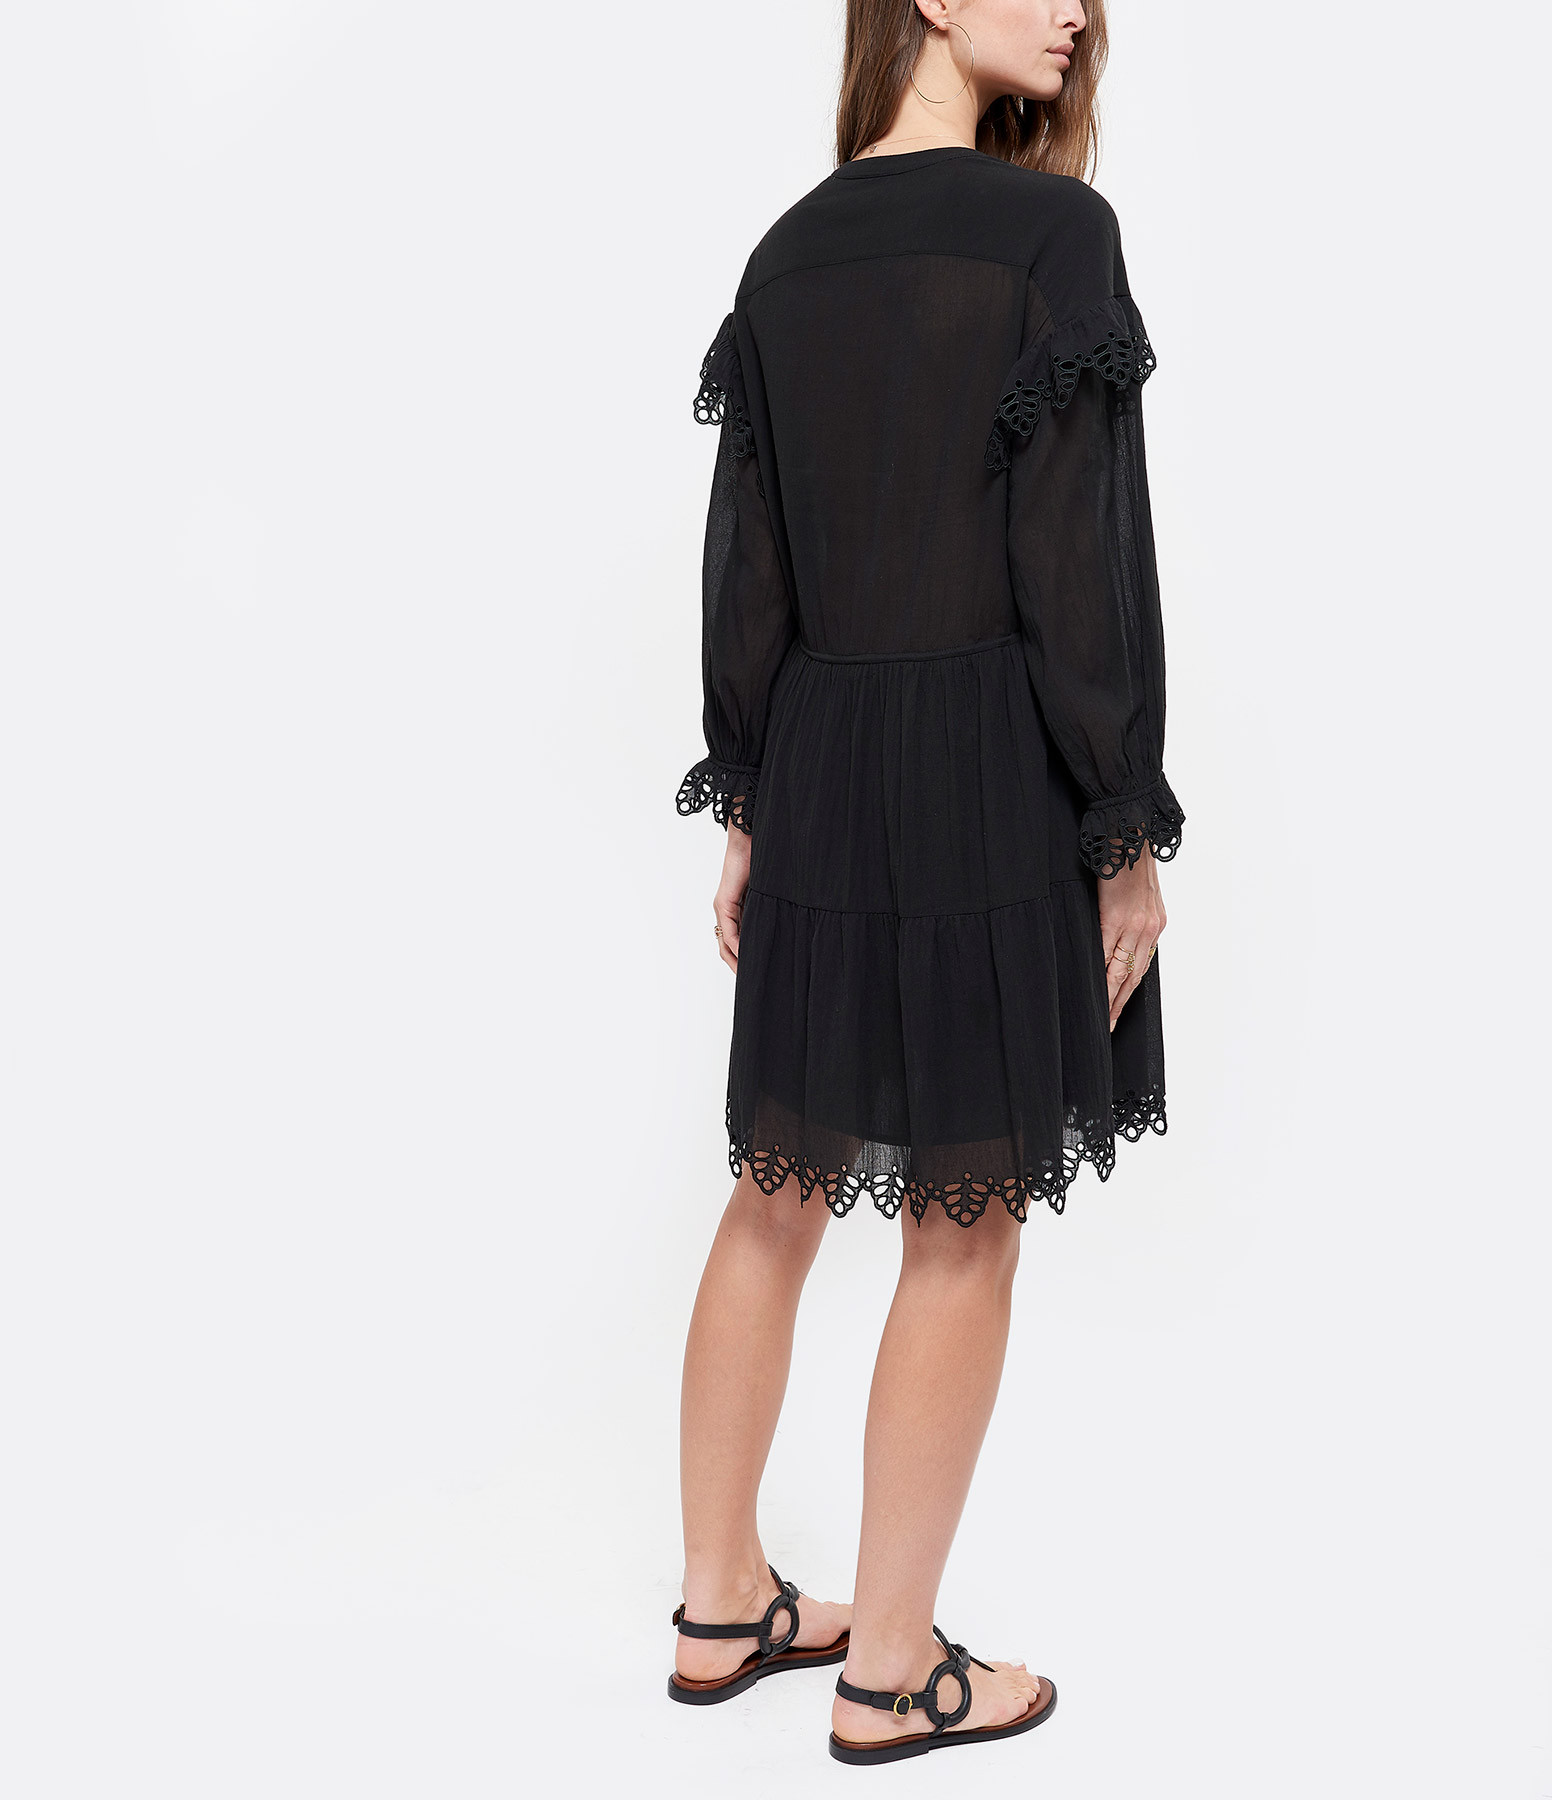 MAGALI PASCAL - Robe Josette Coton Noir